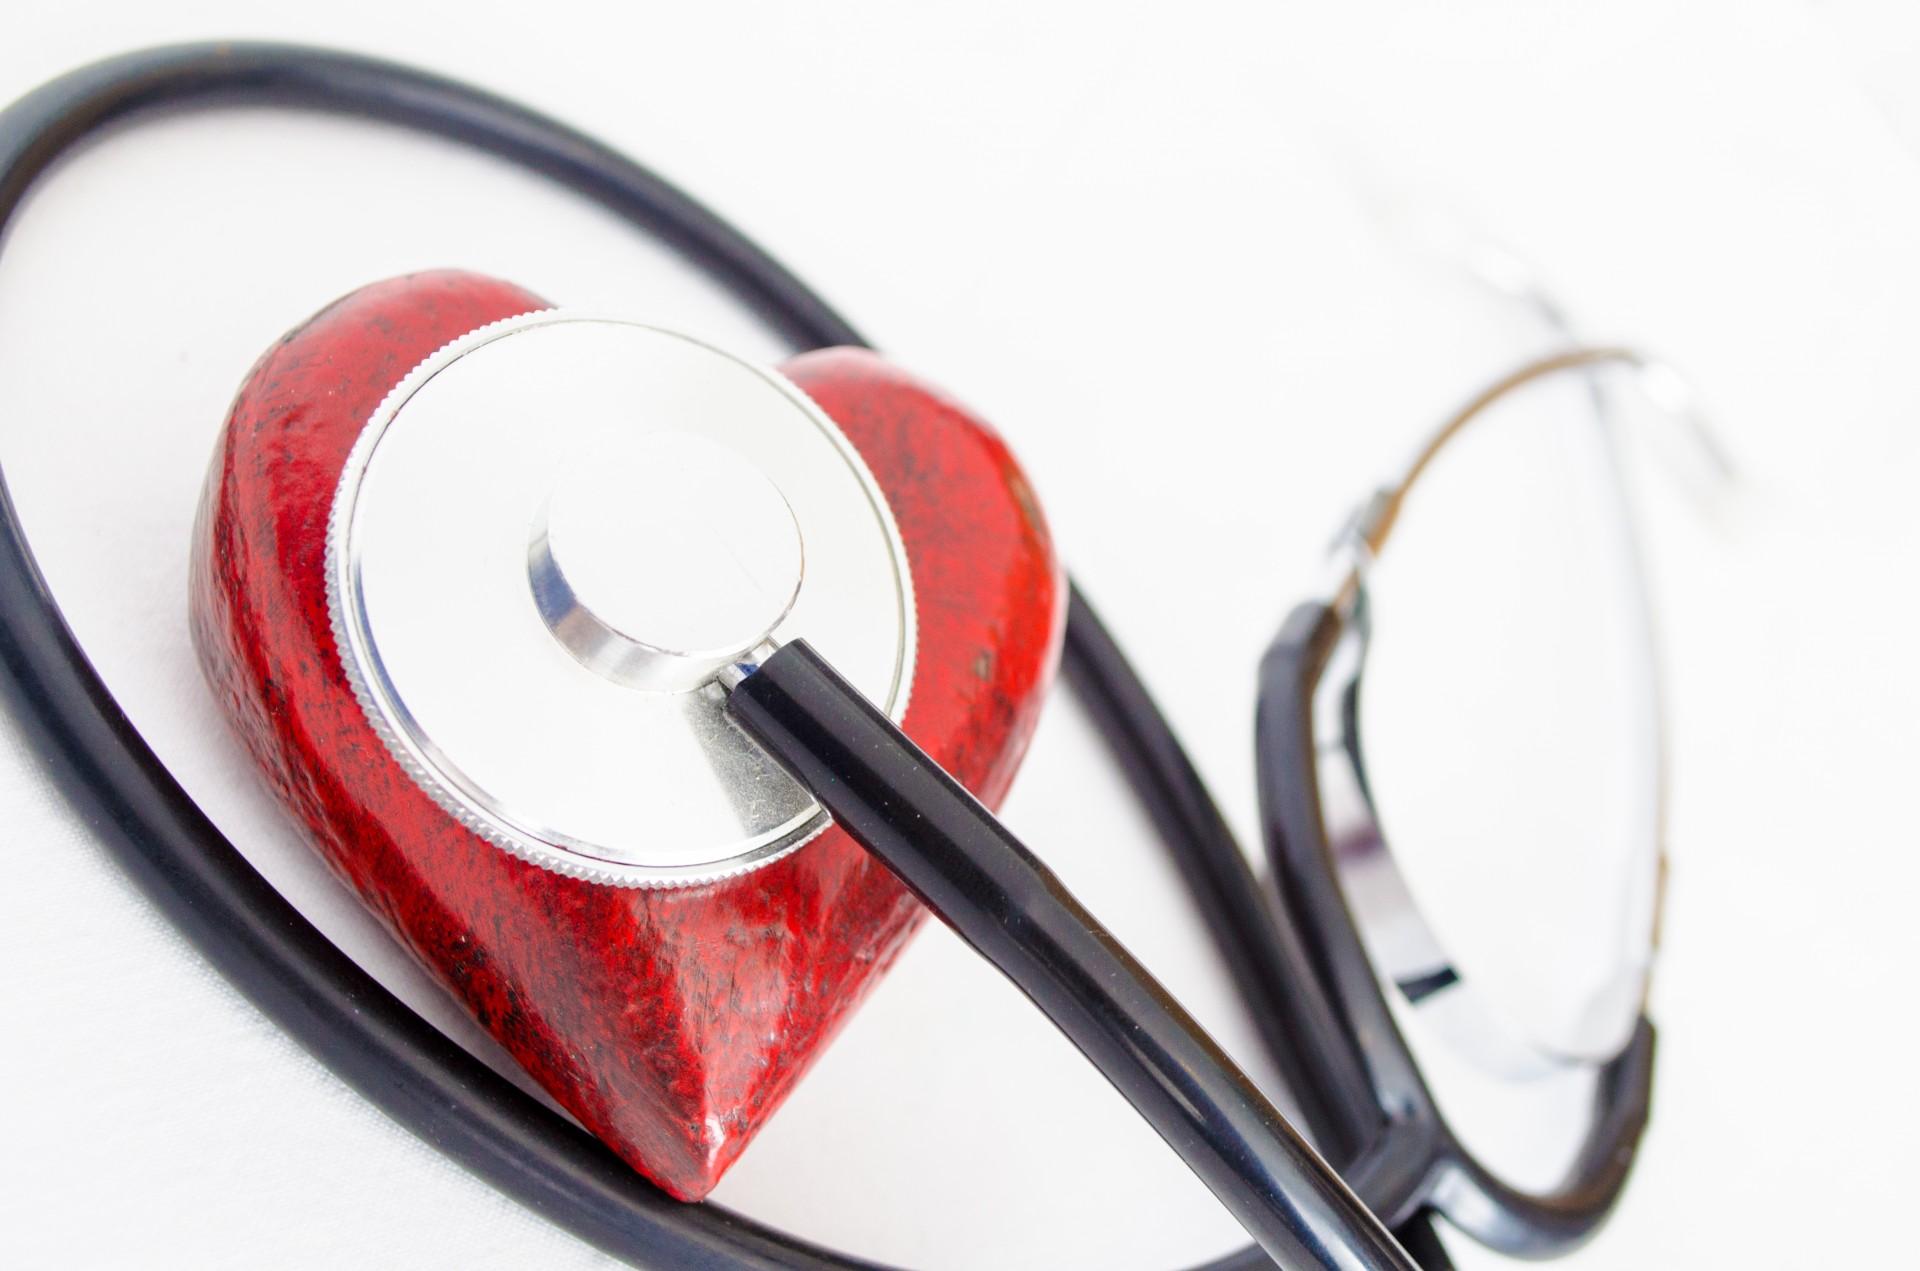 Необходимость оперативной реабилитации после инсульта